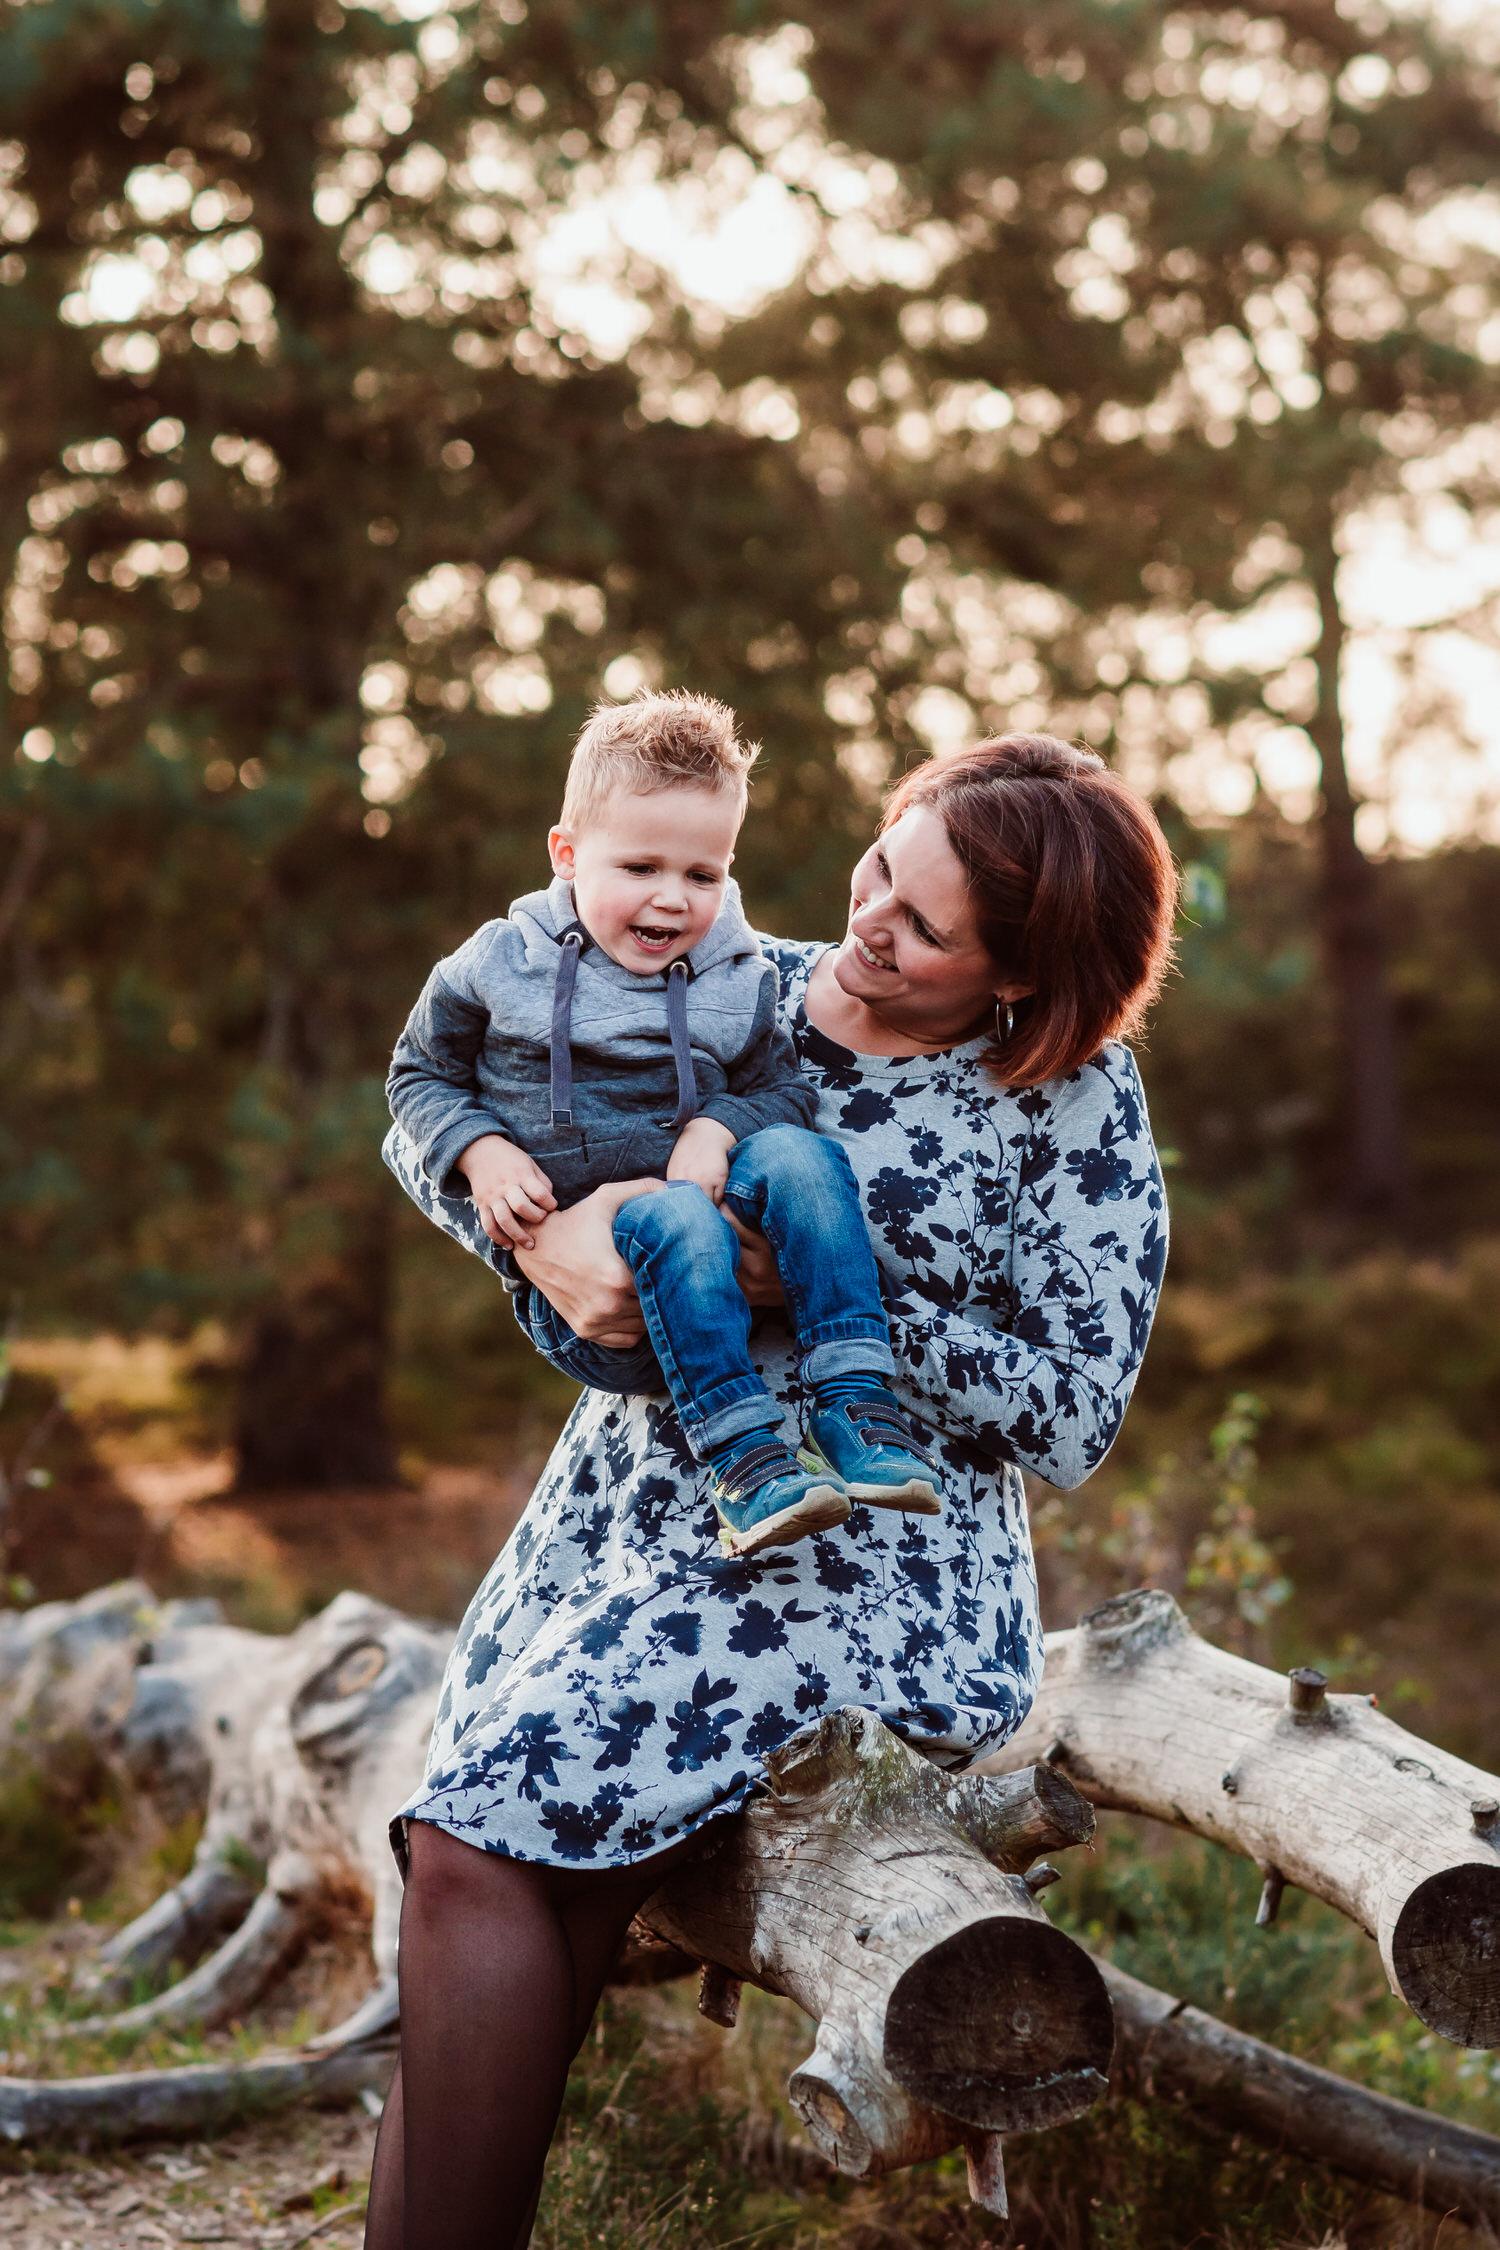 Mutter mit Kind in der Natur | Familienfotografie Aachen